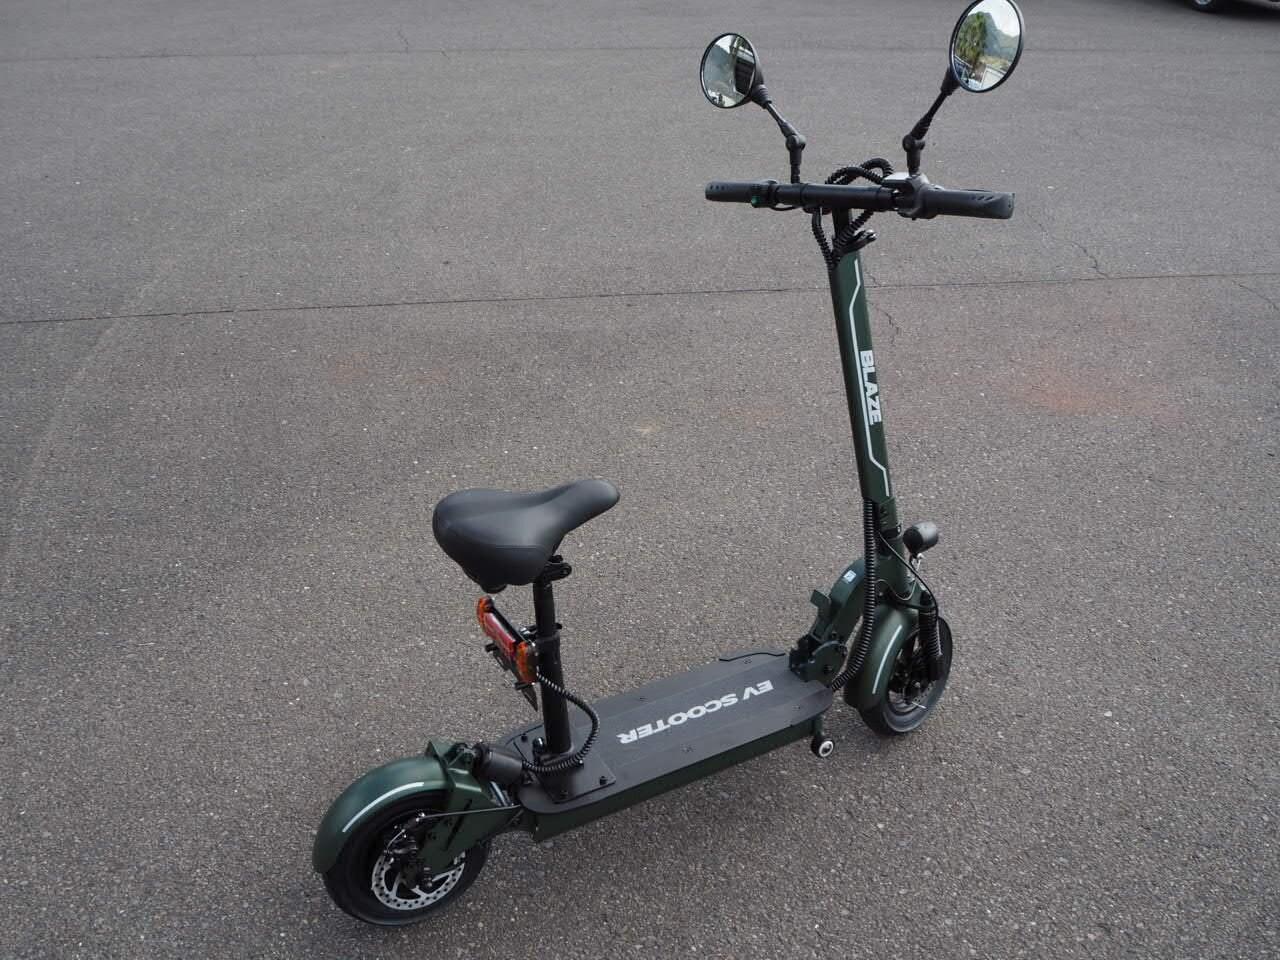 100%電気で動く折畳み可能な電動バイク ブレイズEVスクーター(カーキ色)【現金払い・銀行振り込み専用チケット】のイメージその1